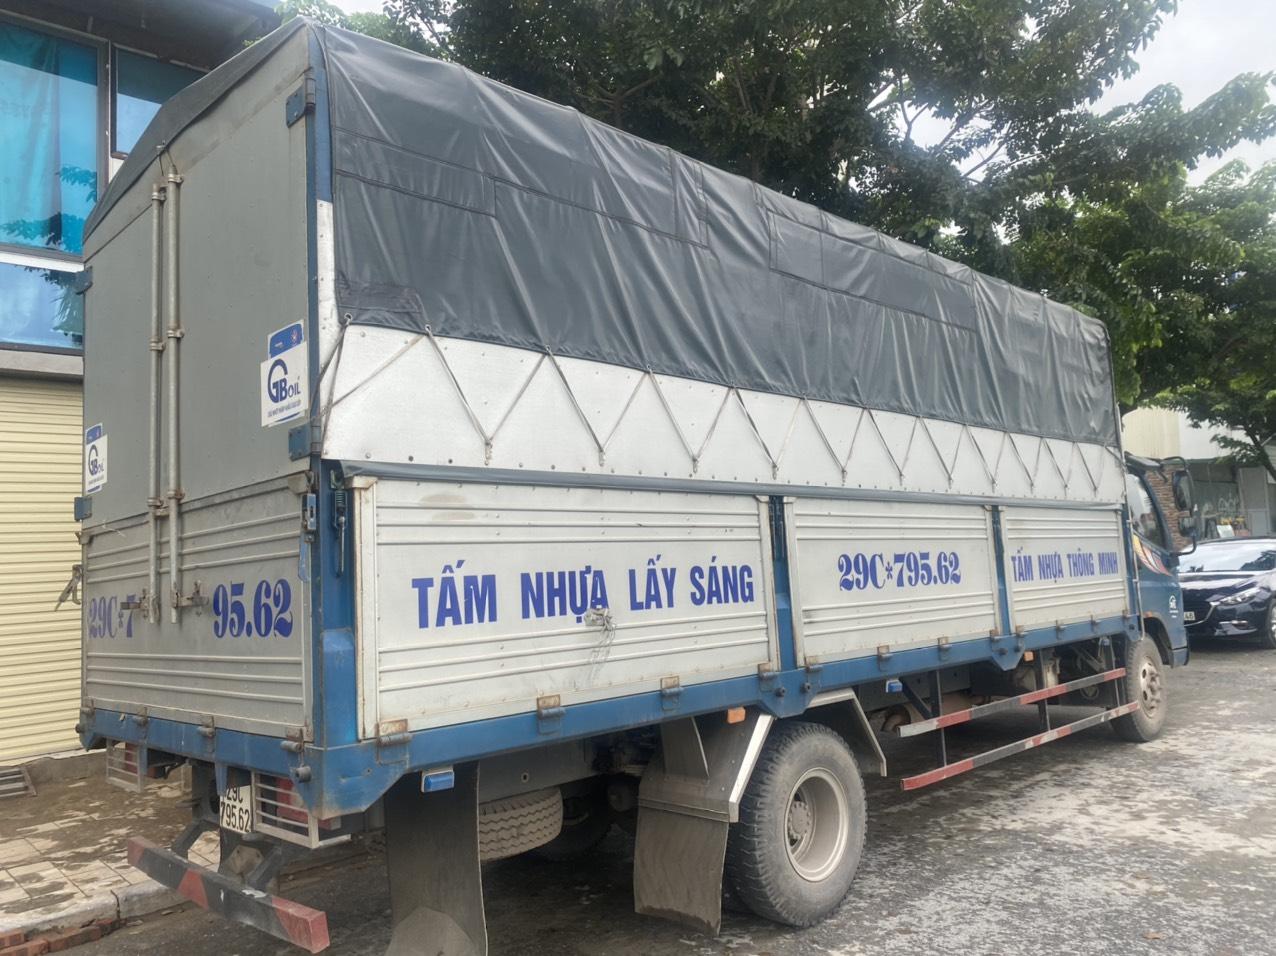 xe tải tấm nhựa lấy sáng